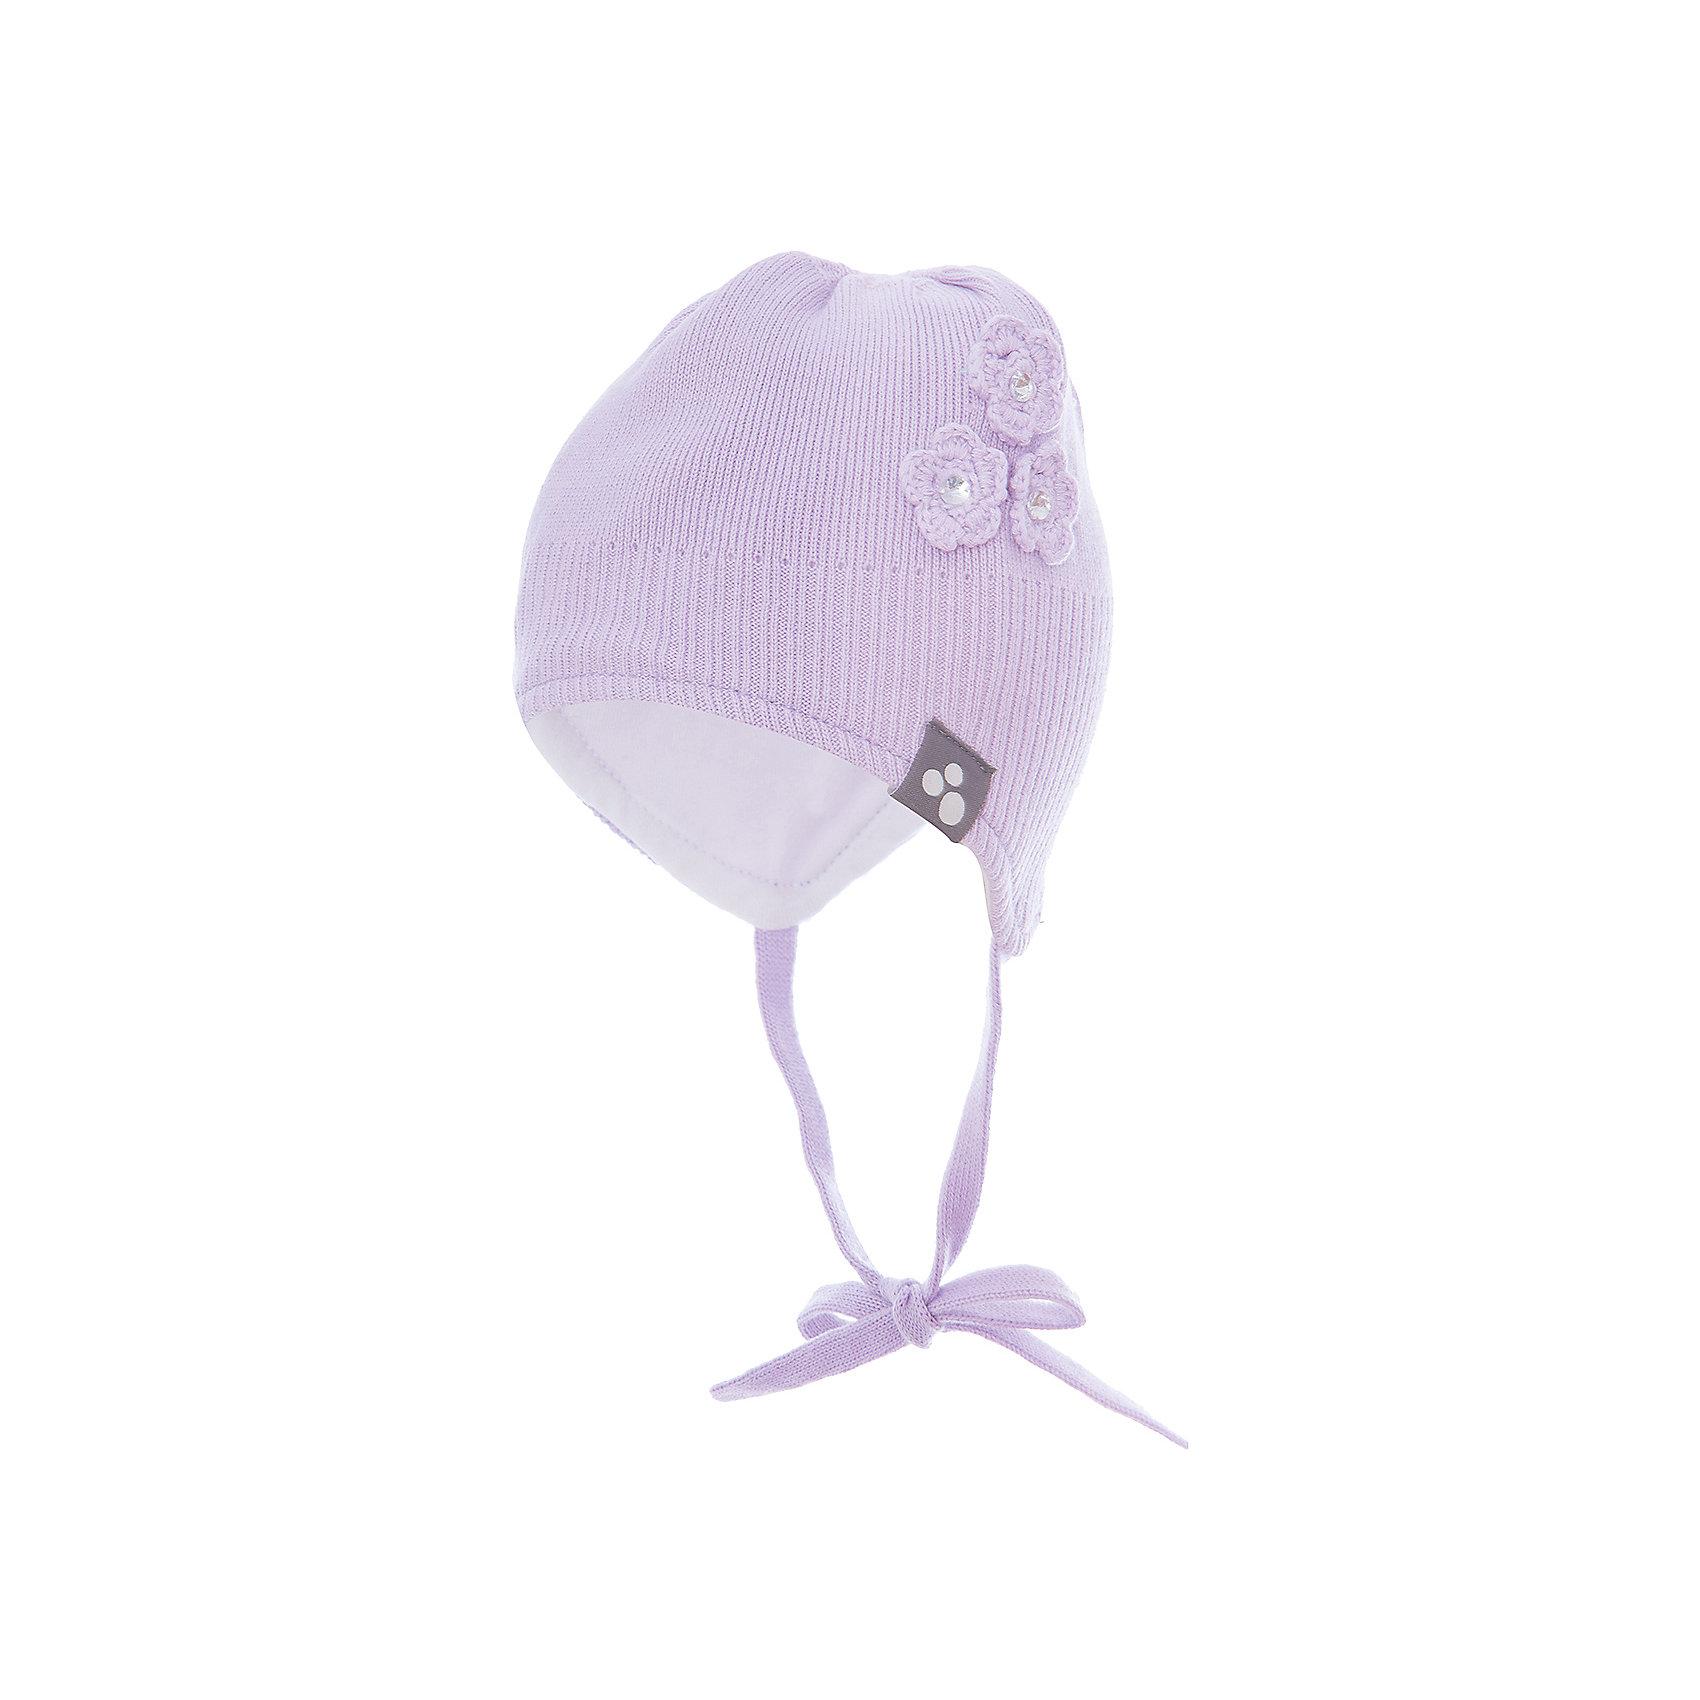 Шапка LARA для девочки HuppaГоловные уборы<br>Характеристики товара:<br><br>• цвет: сиреневый<br>• состав: 100% хлопок<br>• температурный режим: от -7°до +10°С<br>• хлопковая подкладка<br>• завязки<br>• логотип<br>• можно надевать под капюшон<br>• декорирована вязаными цветами<br>• комфортная посадка<br>• мягкий материал<br>• температурный режим: от 0°С до +10°С<br>• коллекция: весна-лето 2017<br>• страна бренда: Эстония<br><br>Эта шапка обеспечит малышам тепло и комфорт. Она сделана из приятного на ощупь материала, поэтому изделие не колется и не натирает. Подкладка выполнена из дышащего и гипоаллергенного хлопка. Шапка очень симпатично смотрится, а дизайн и отделка добавляют ей оригинальности. Модель была разработана специально для малышей.<br><br>Одежда и обувь от популярного эстонского бренда Huppa - отличный вариант одеть ребенка можно и комфортно. Вещи, выпускаемые компанией, качественные, продуманные и очень удобные. Для производства изделий используются только безопасные для детей материалы. Продукция от Huppa порадует и детей, и их родителей!<br><br>Шапку LARA от бренда Huppa (Хуппа) можно купить в нашем интернет-магазине.<br><br>Ширина мм: 89<br>Глубина мм: 117<br>Высота мм: 44<br>Вес г: 155<br>Цвет: фиолетовый<br>Возраст от месяцев: 6<br>Возраст до месяцев: 12<br>Пол: Женский<br>Возраст: Детский<br>Размер: 43-45,55-57,51-53,47-49<br>SKU: 5347715